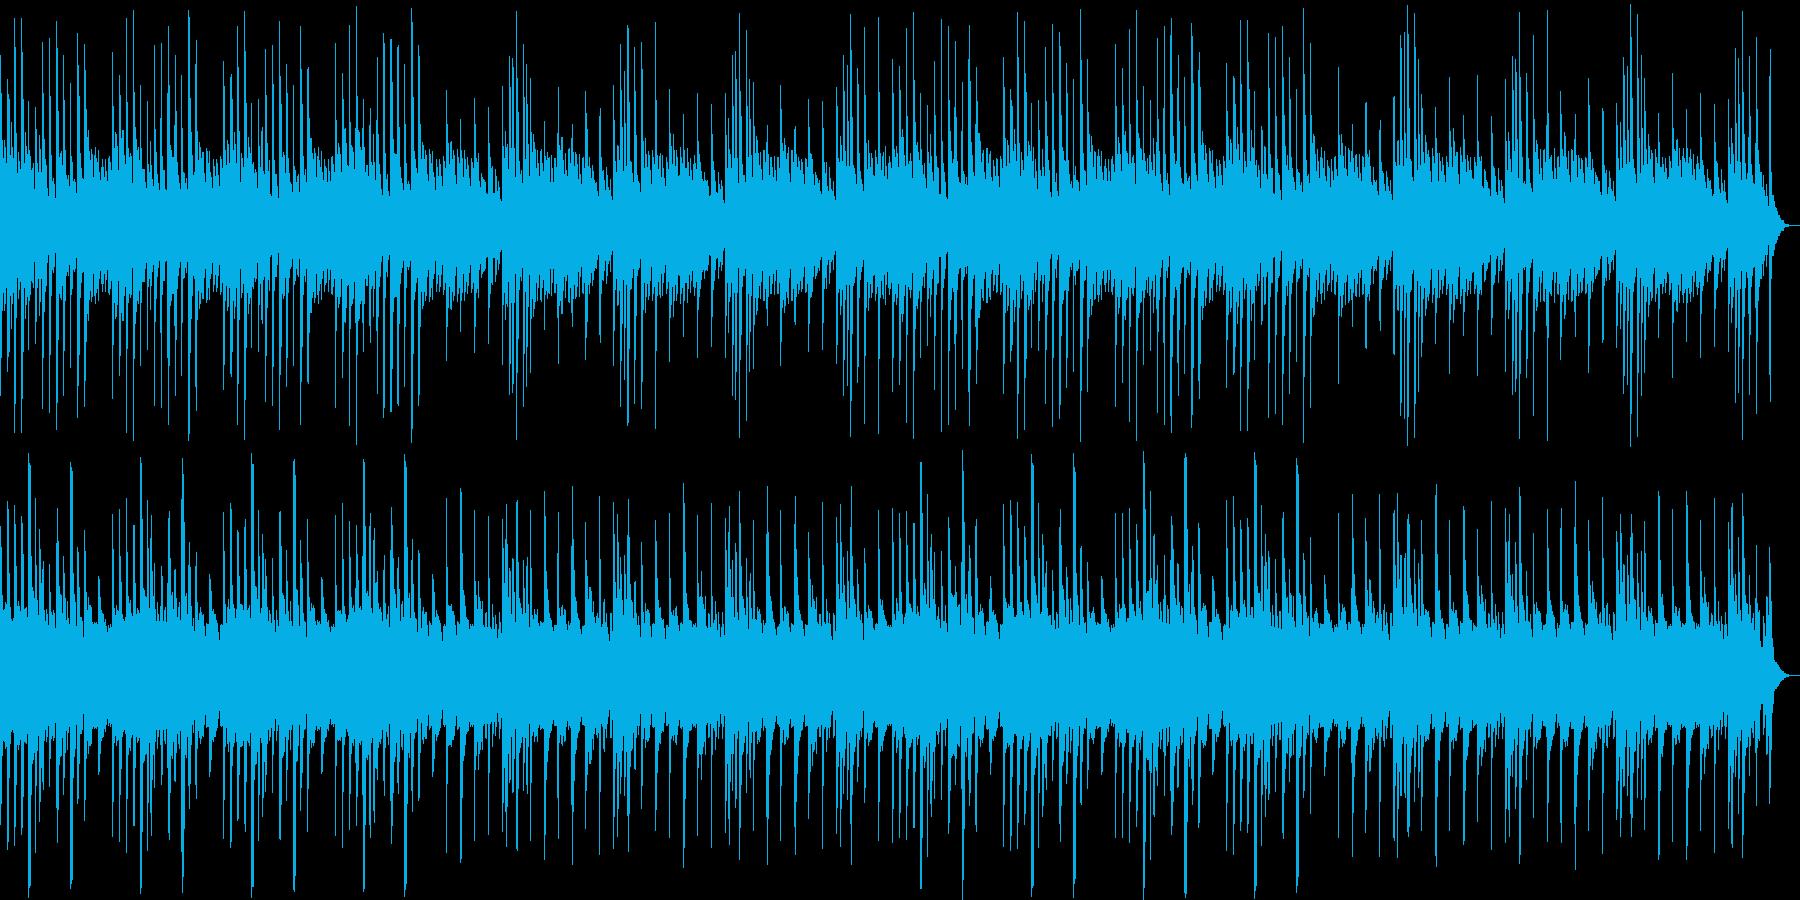 ピアノのゆったりとしたリラックス曲の再生済みの波形